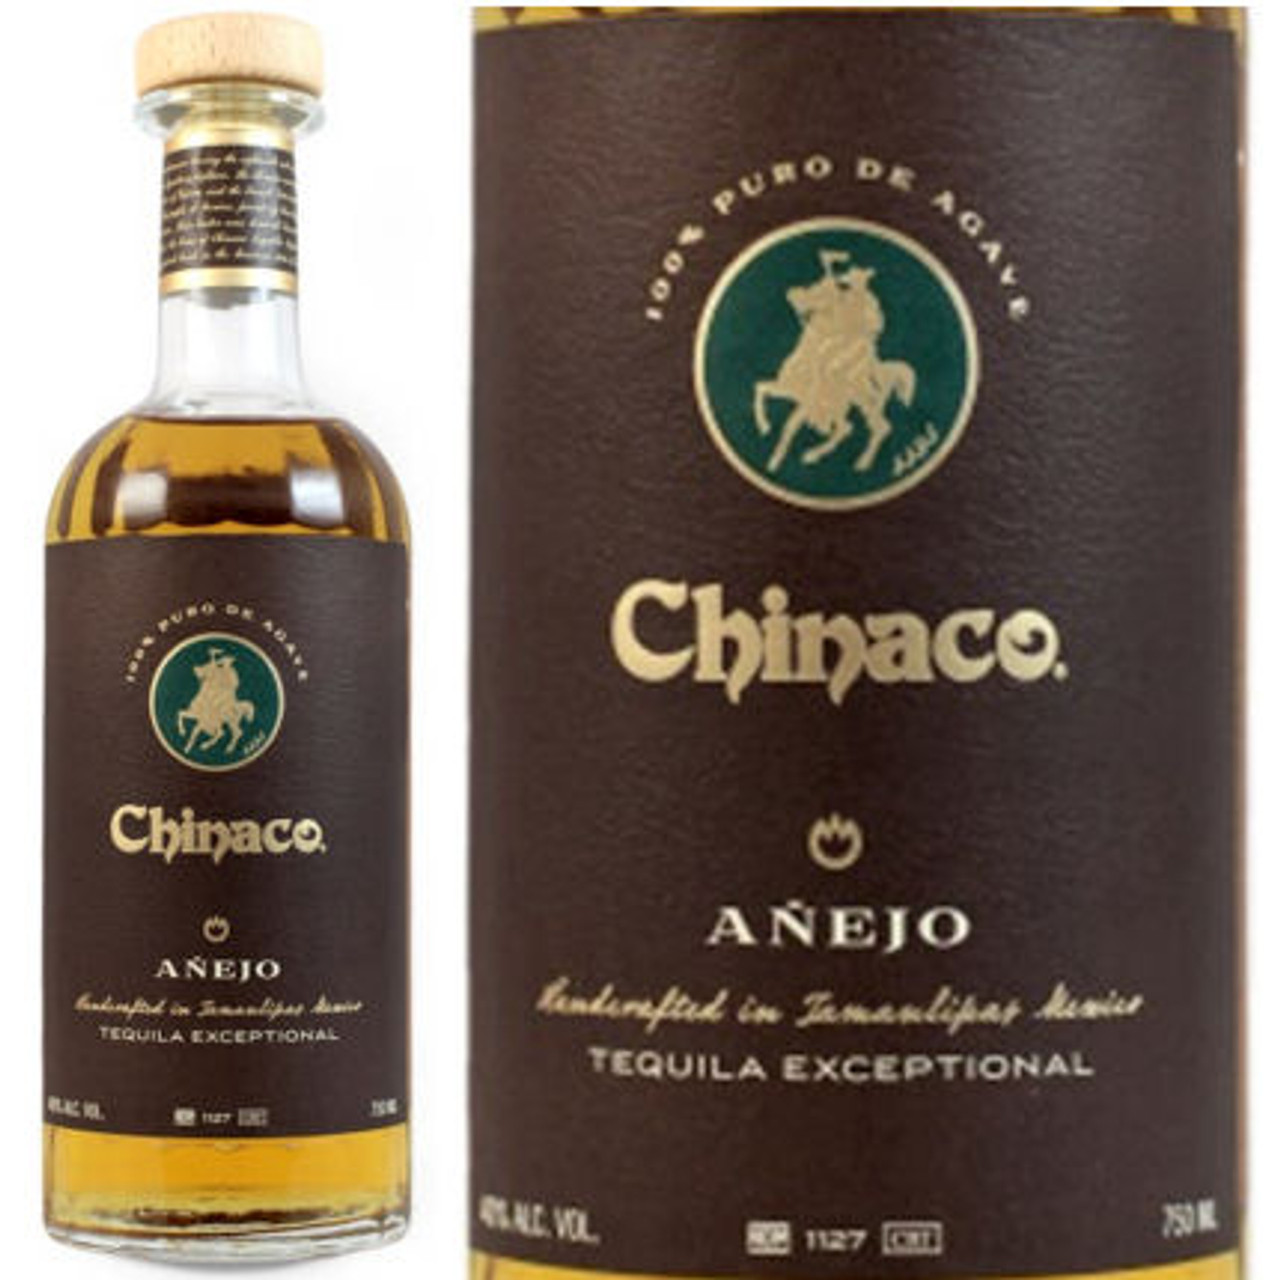 Chinaco Anejo Tequila 750ml